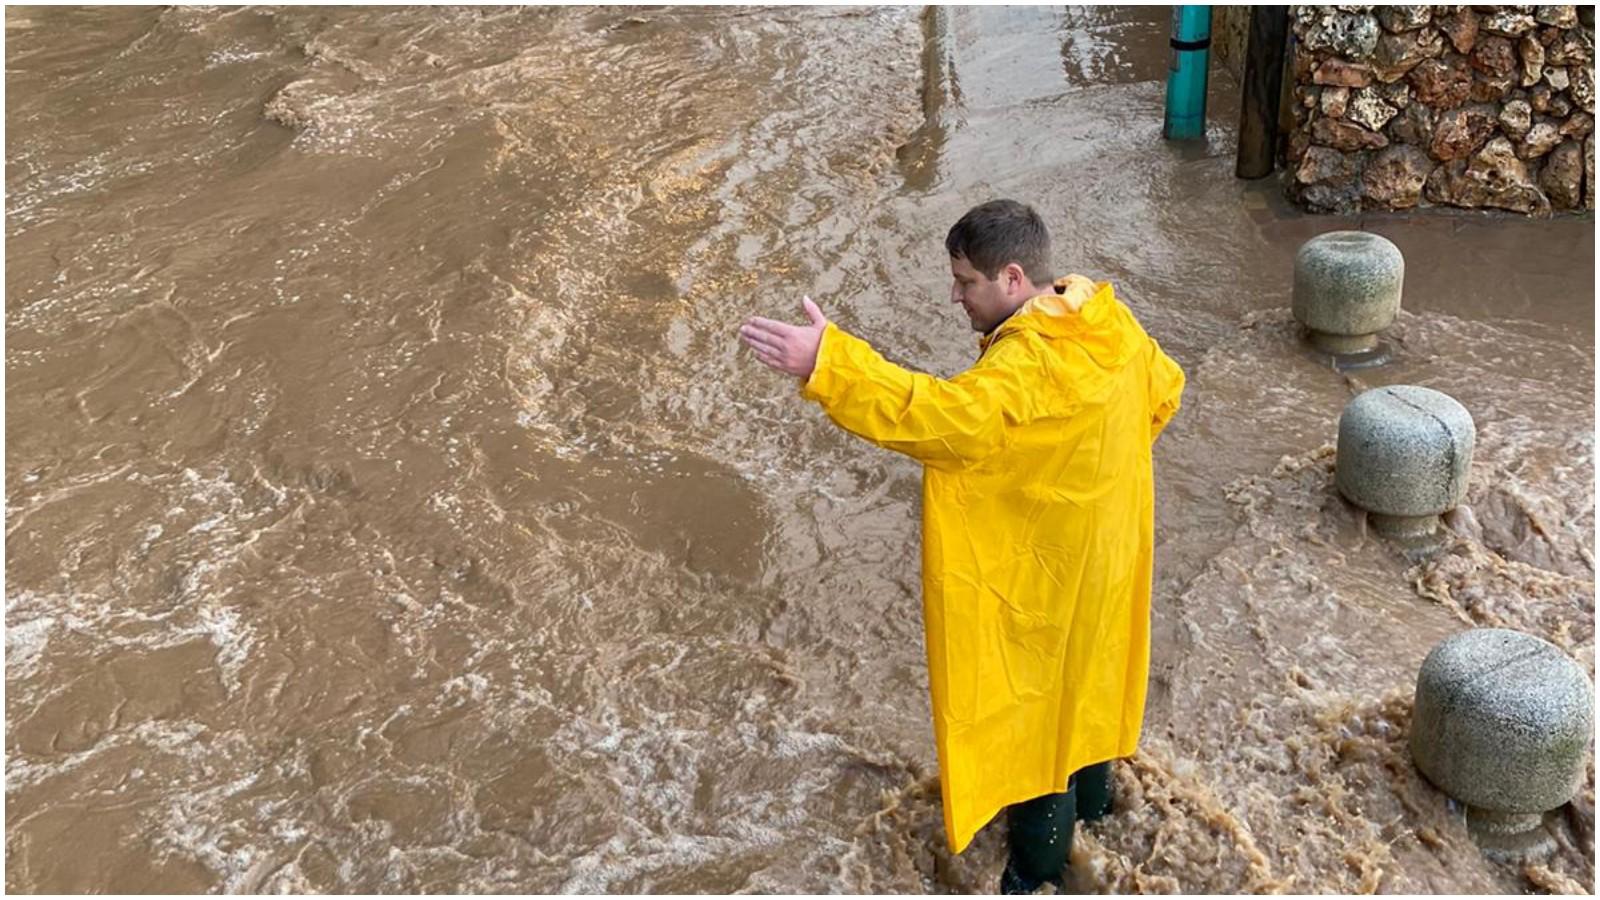 רמי גרינברג בפעולות הניקוז בשכונת דדו בסערה האחרונה צילום באדיבות העירייה